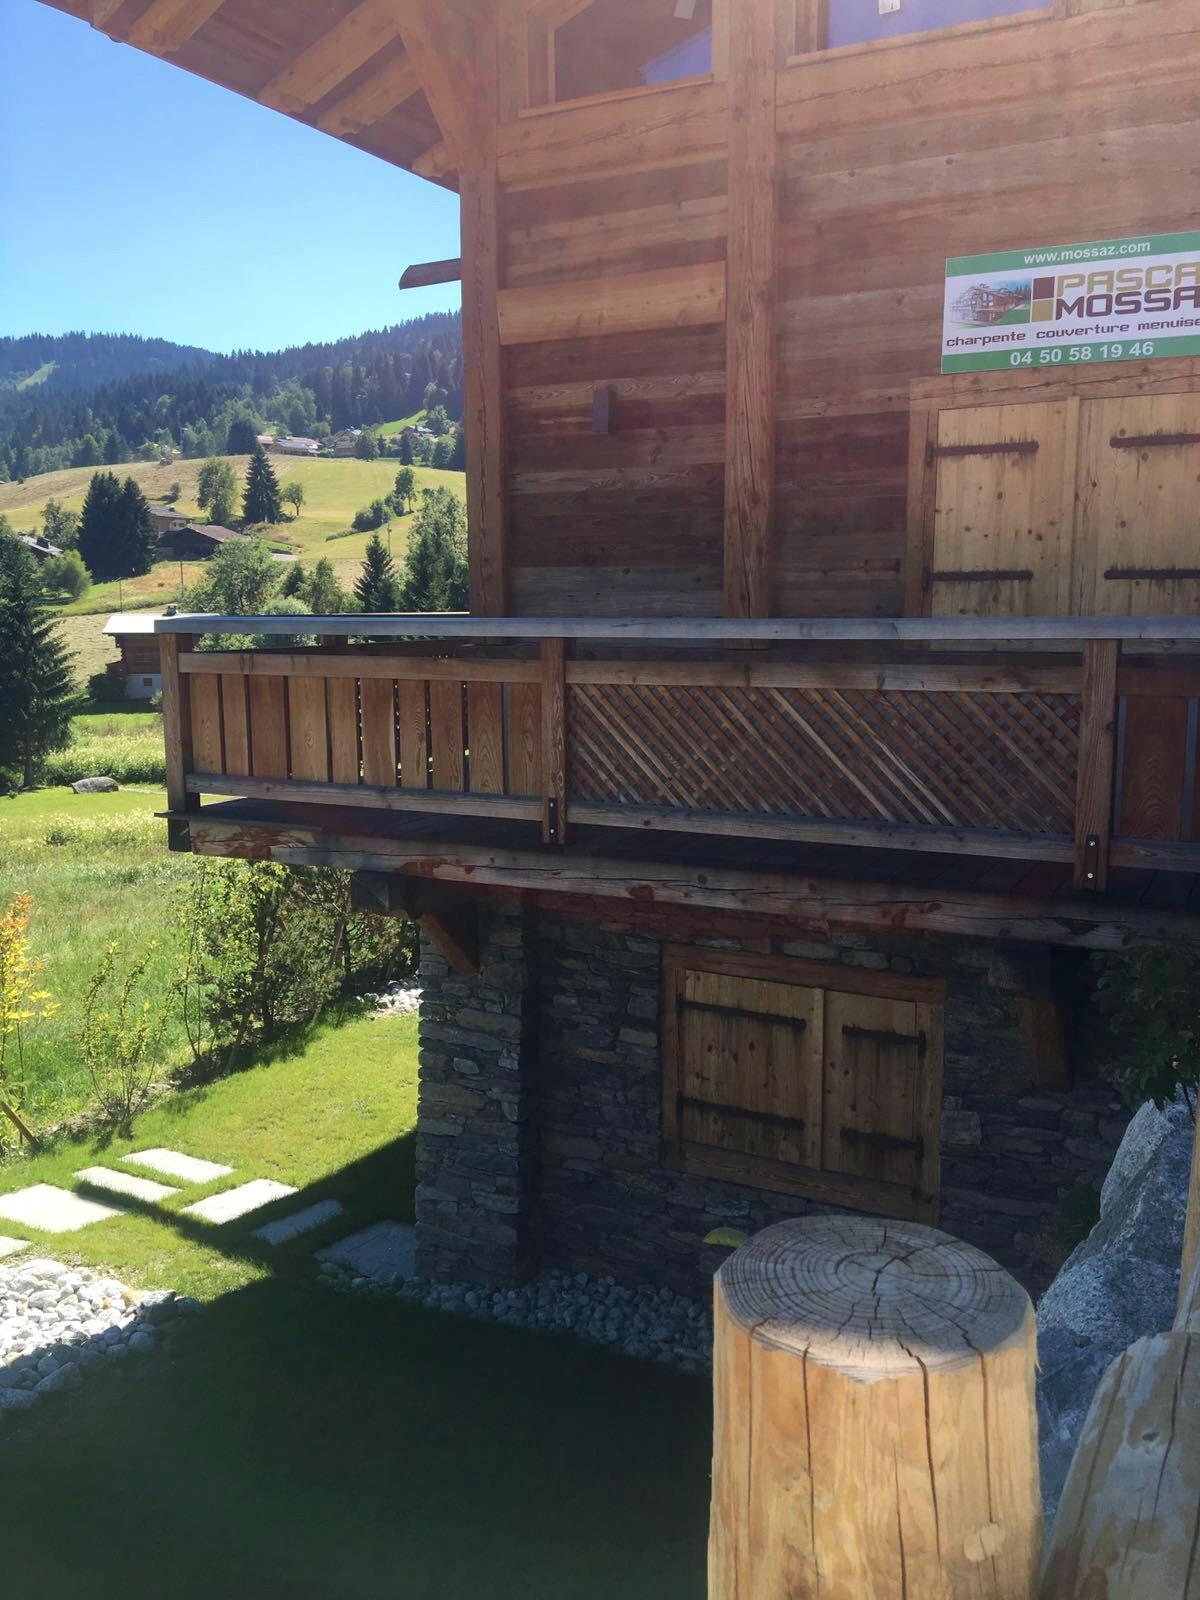 Chalet combloux à vendre - Chalet in the Alps for sale